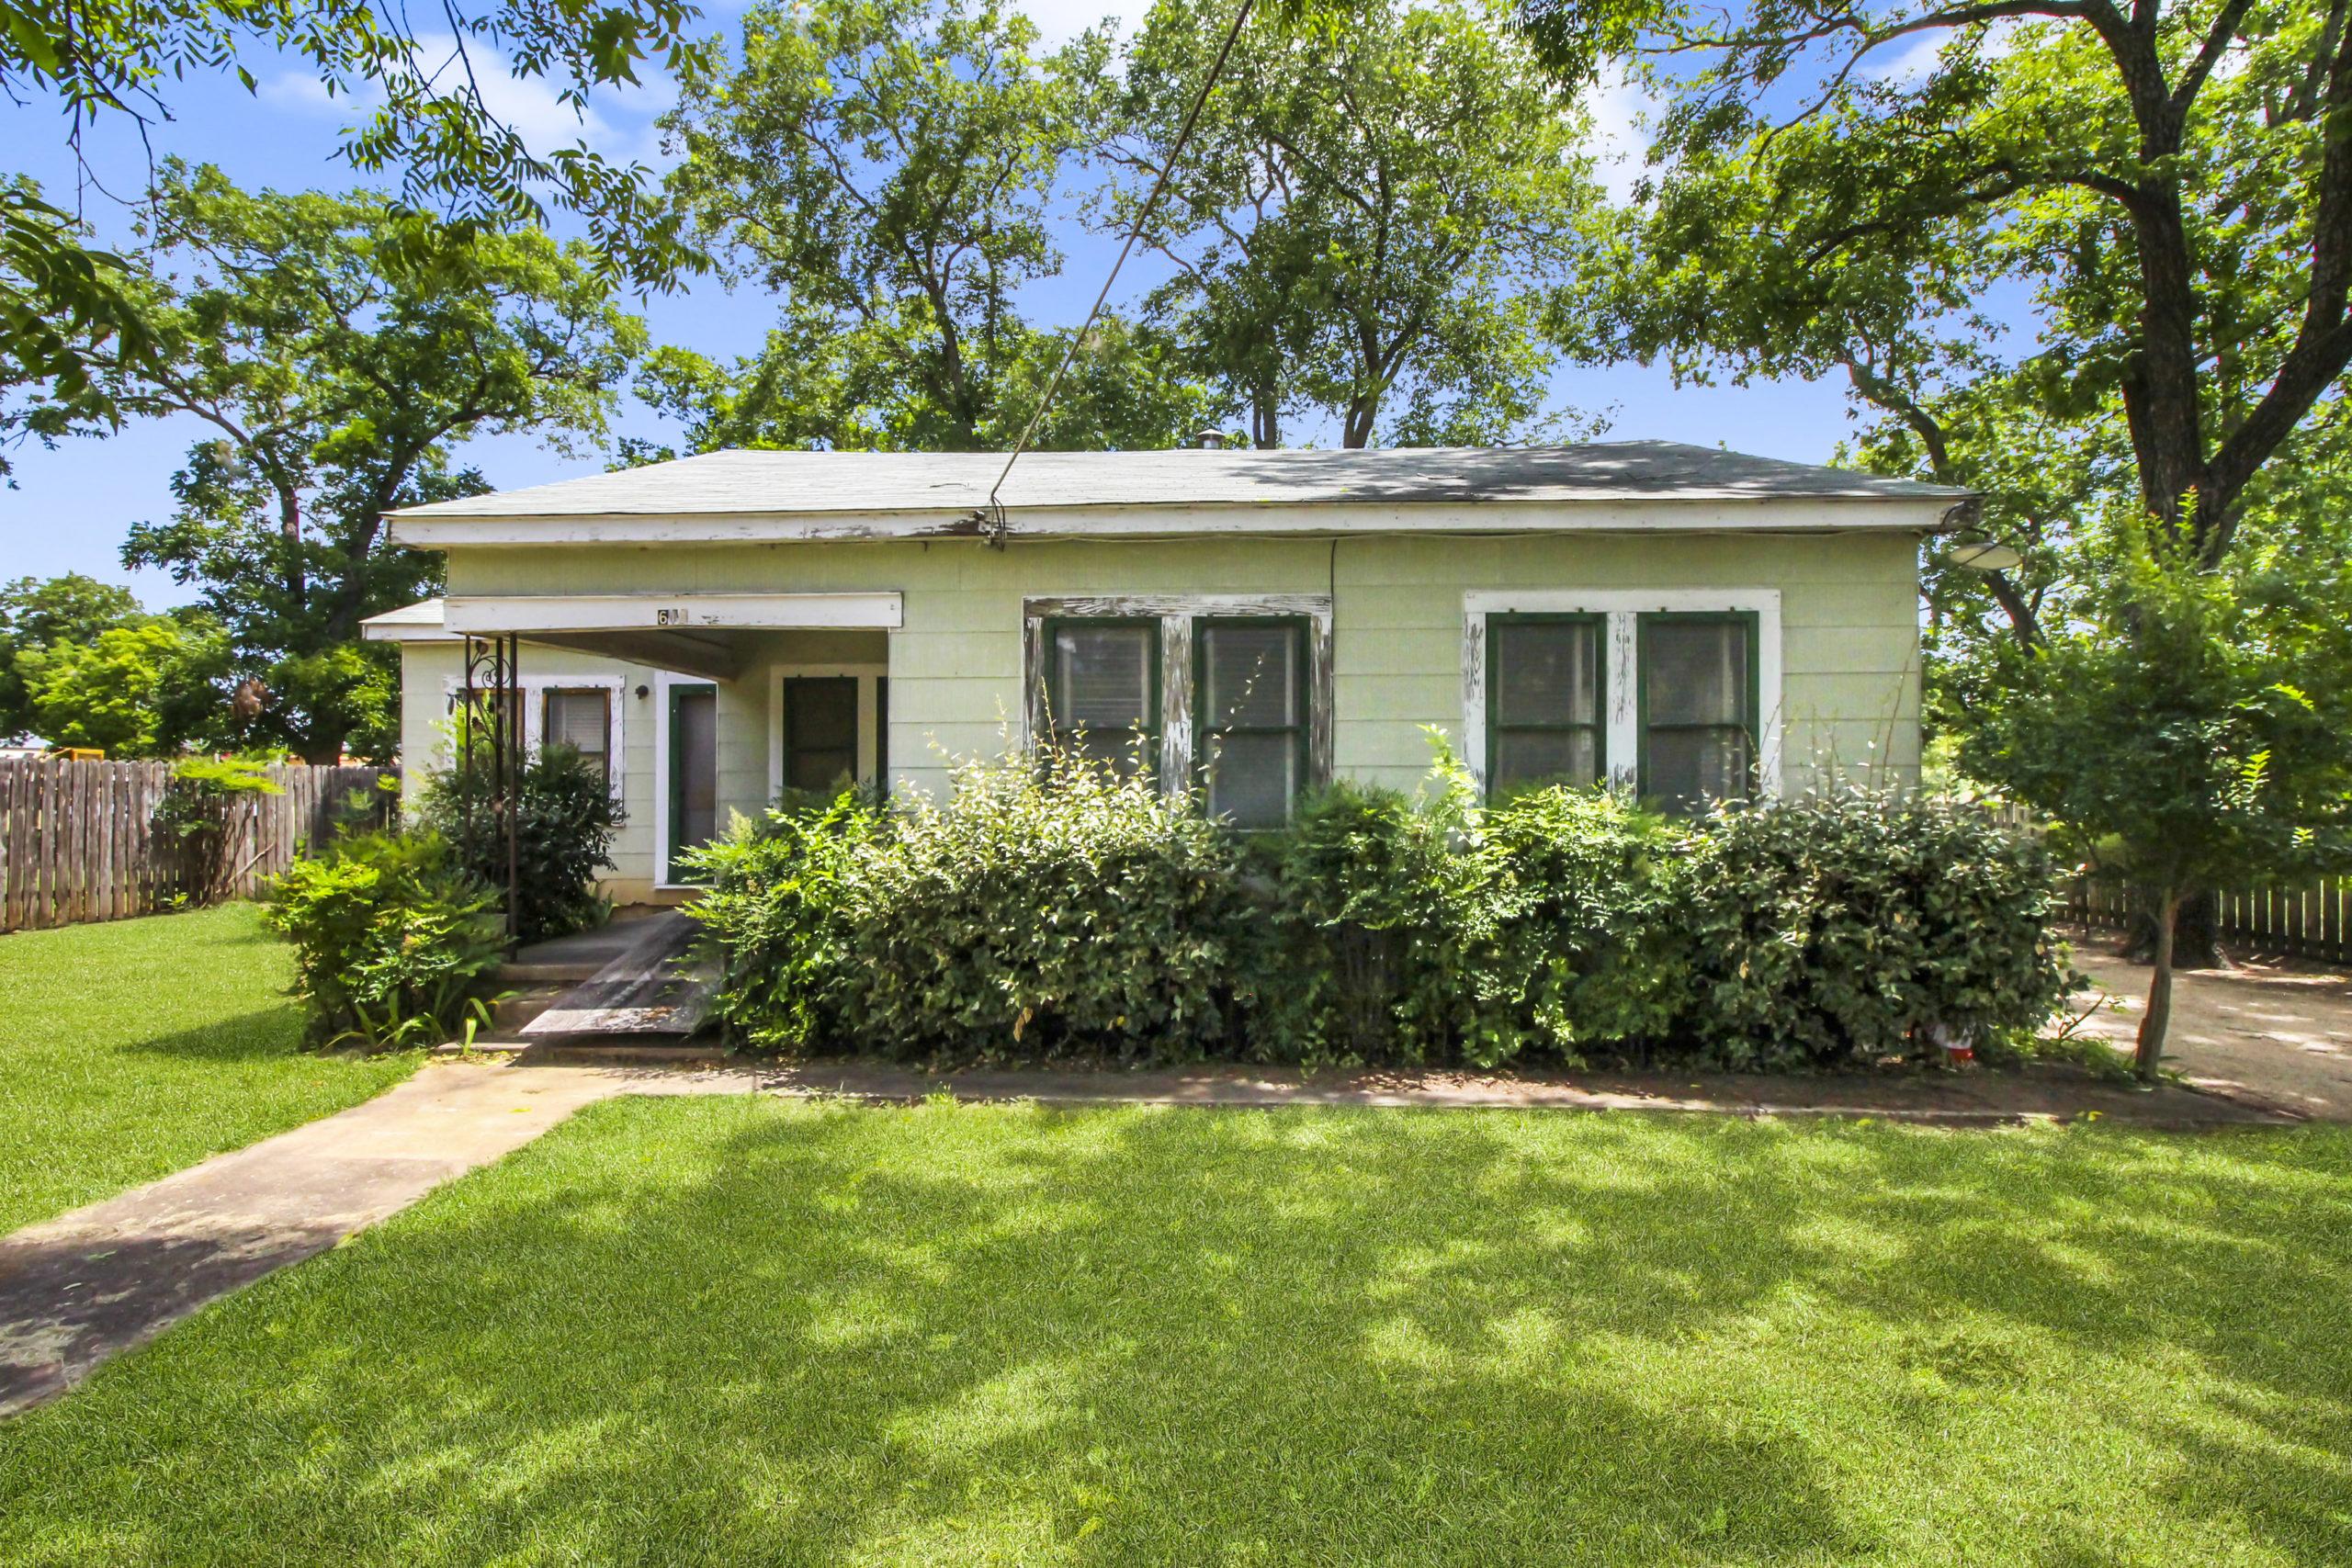 616 E San Antonio Fredericksburg TX Commercial Real Estate